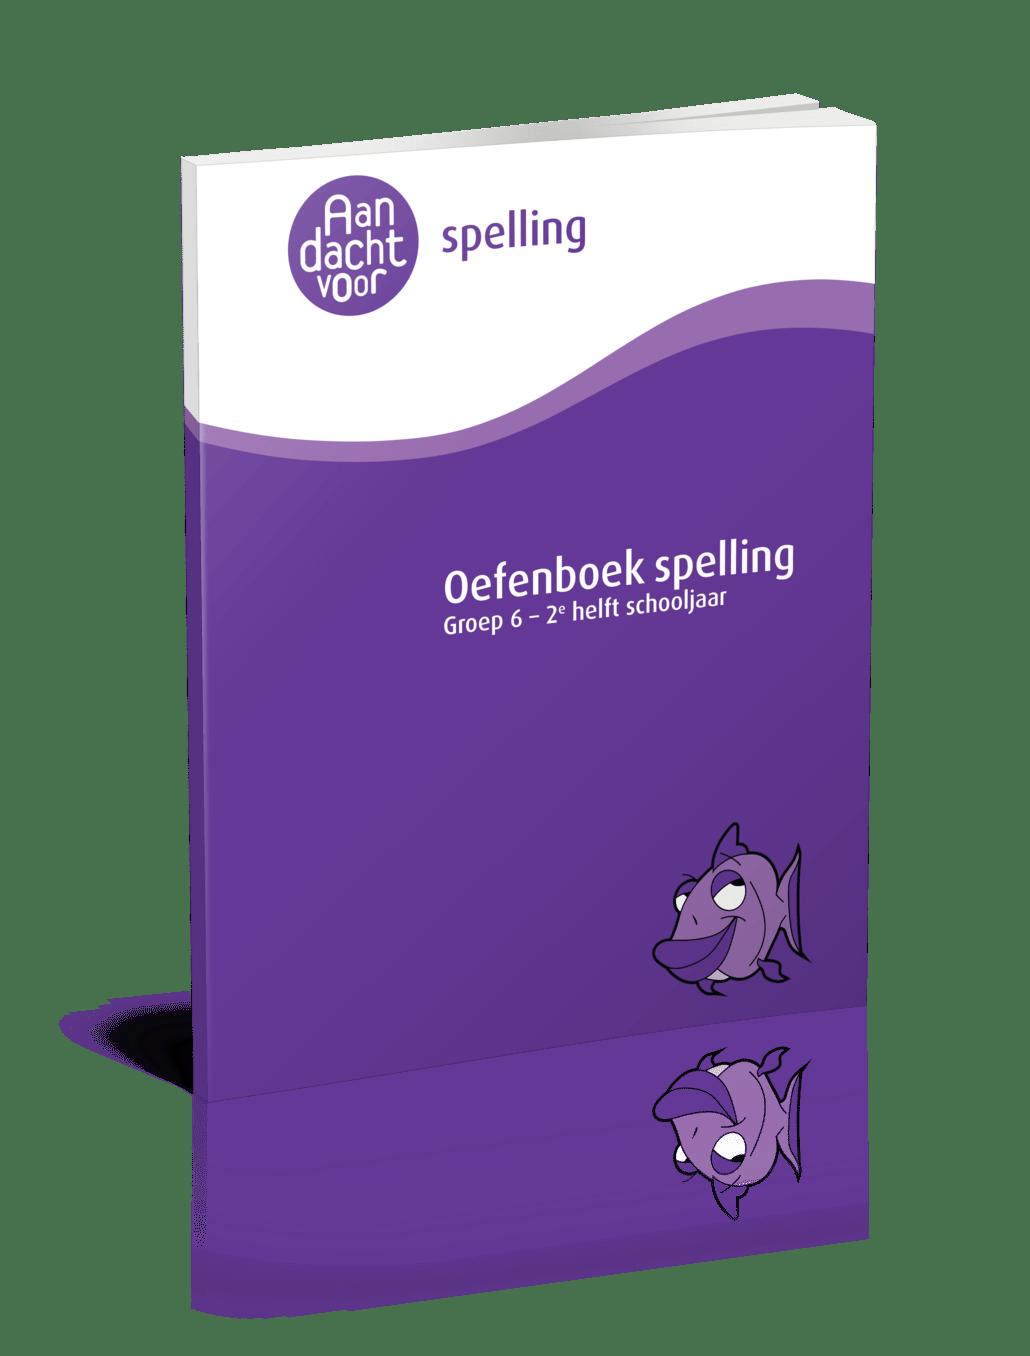 Oefenboek Spelling Groep 6 - 2e helft schooljaar